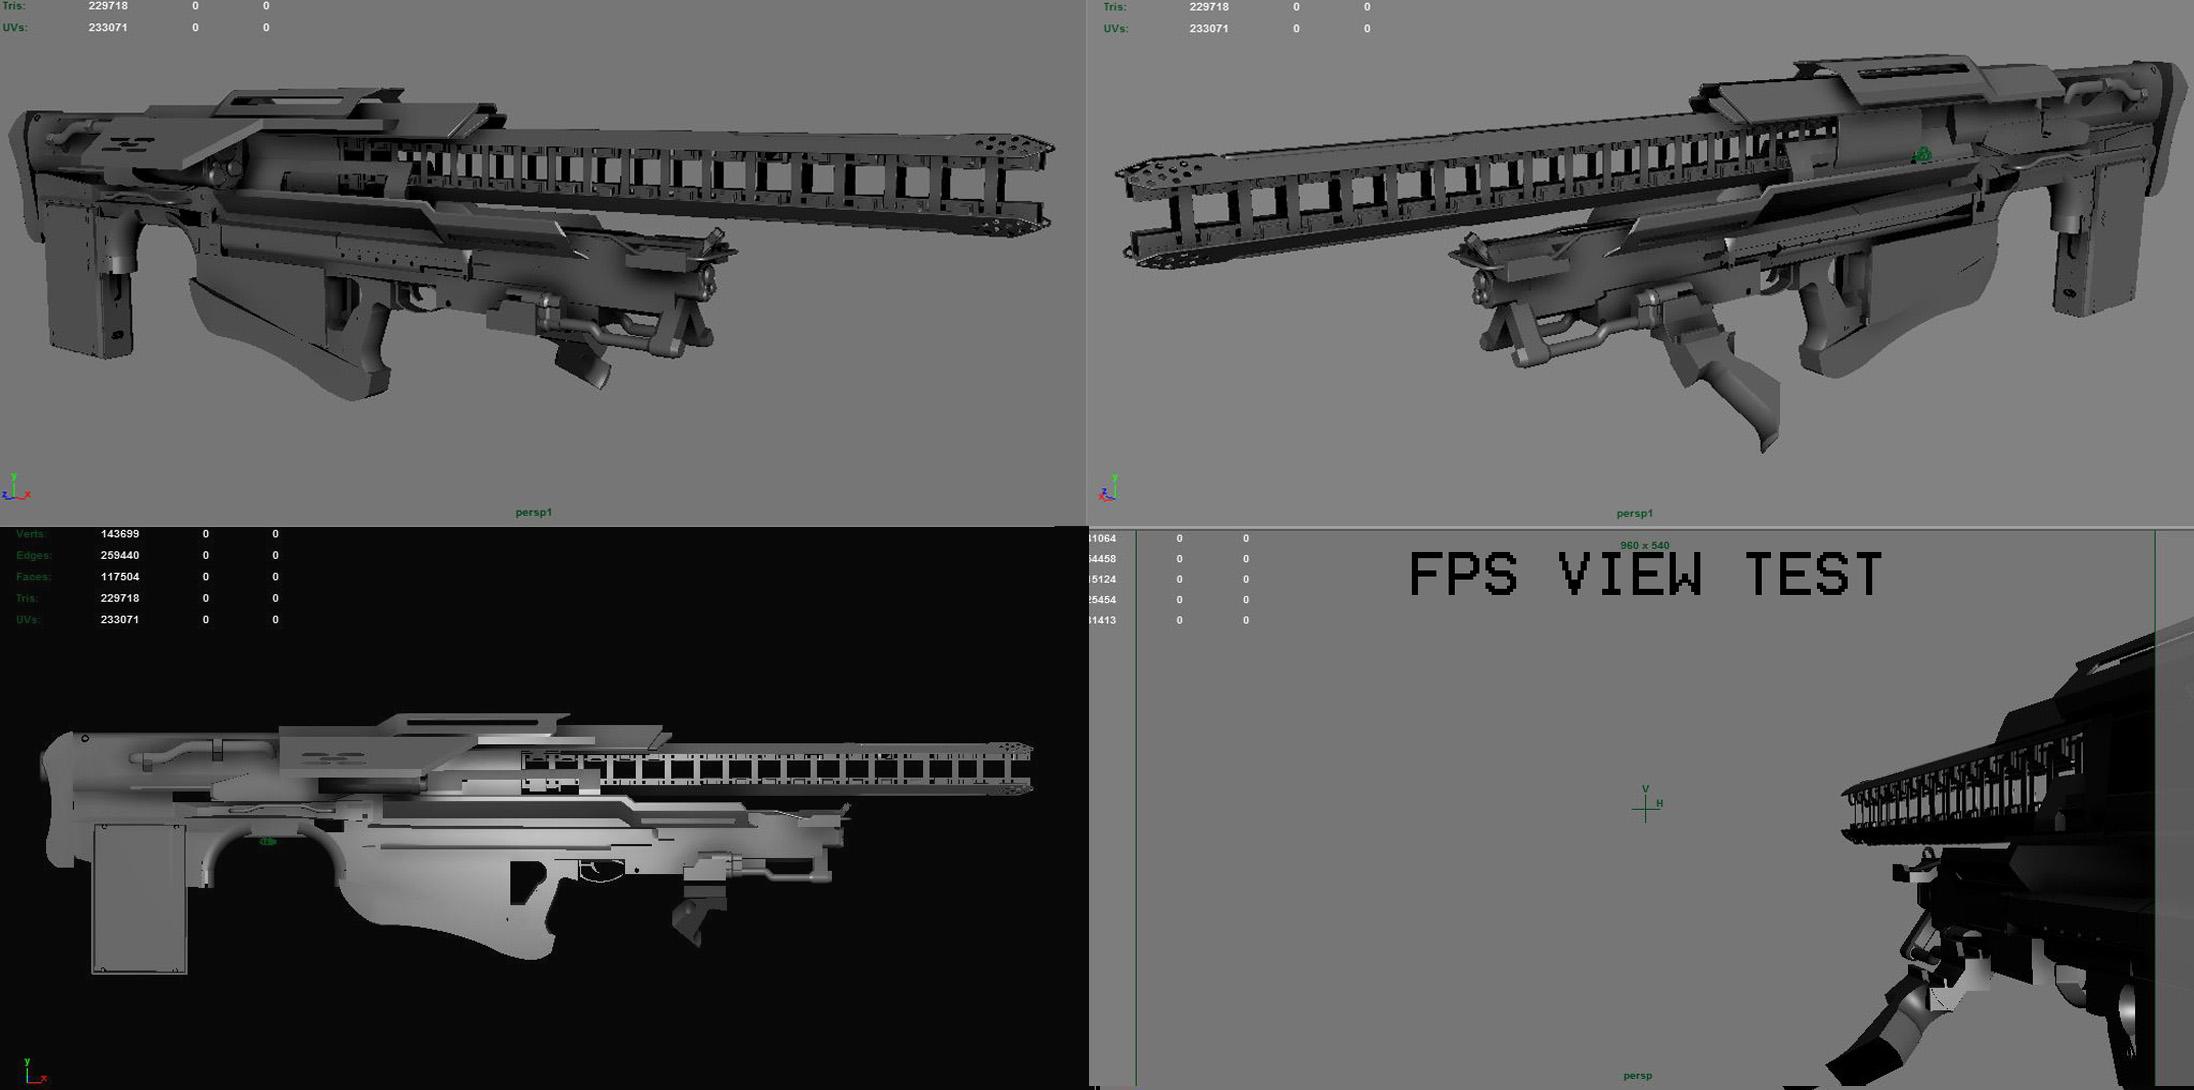 Wk2_APAR_Concept_Weapon_Adjusted_copy.jp